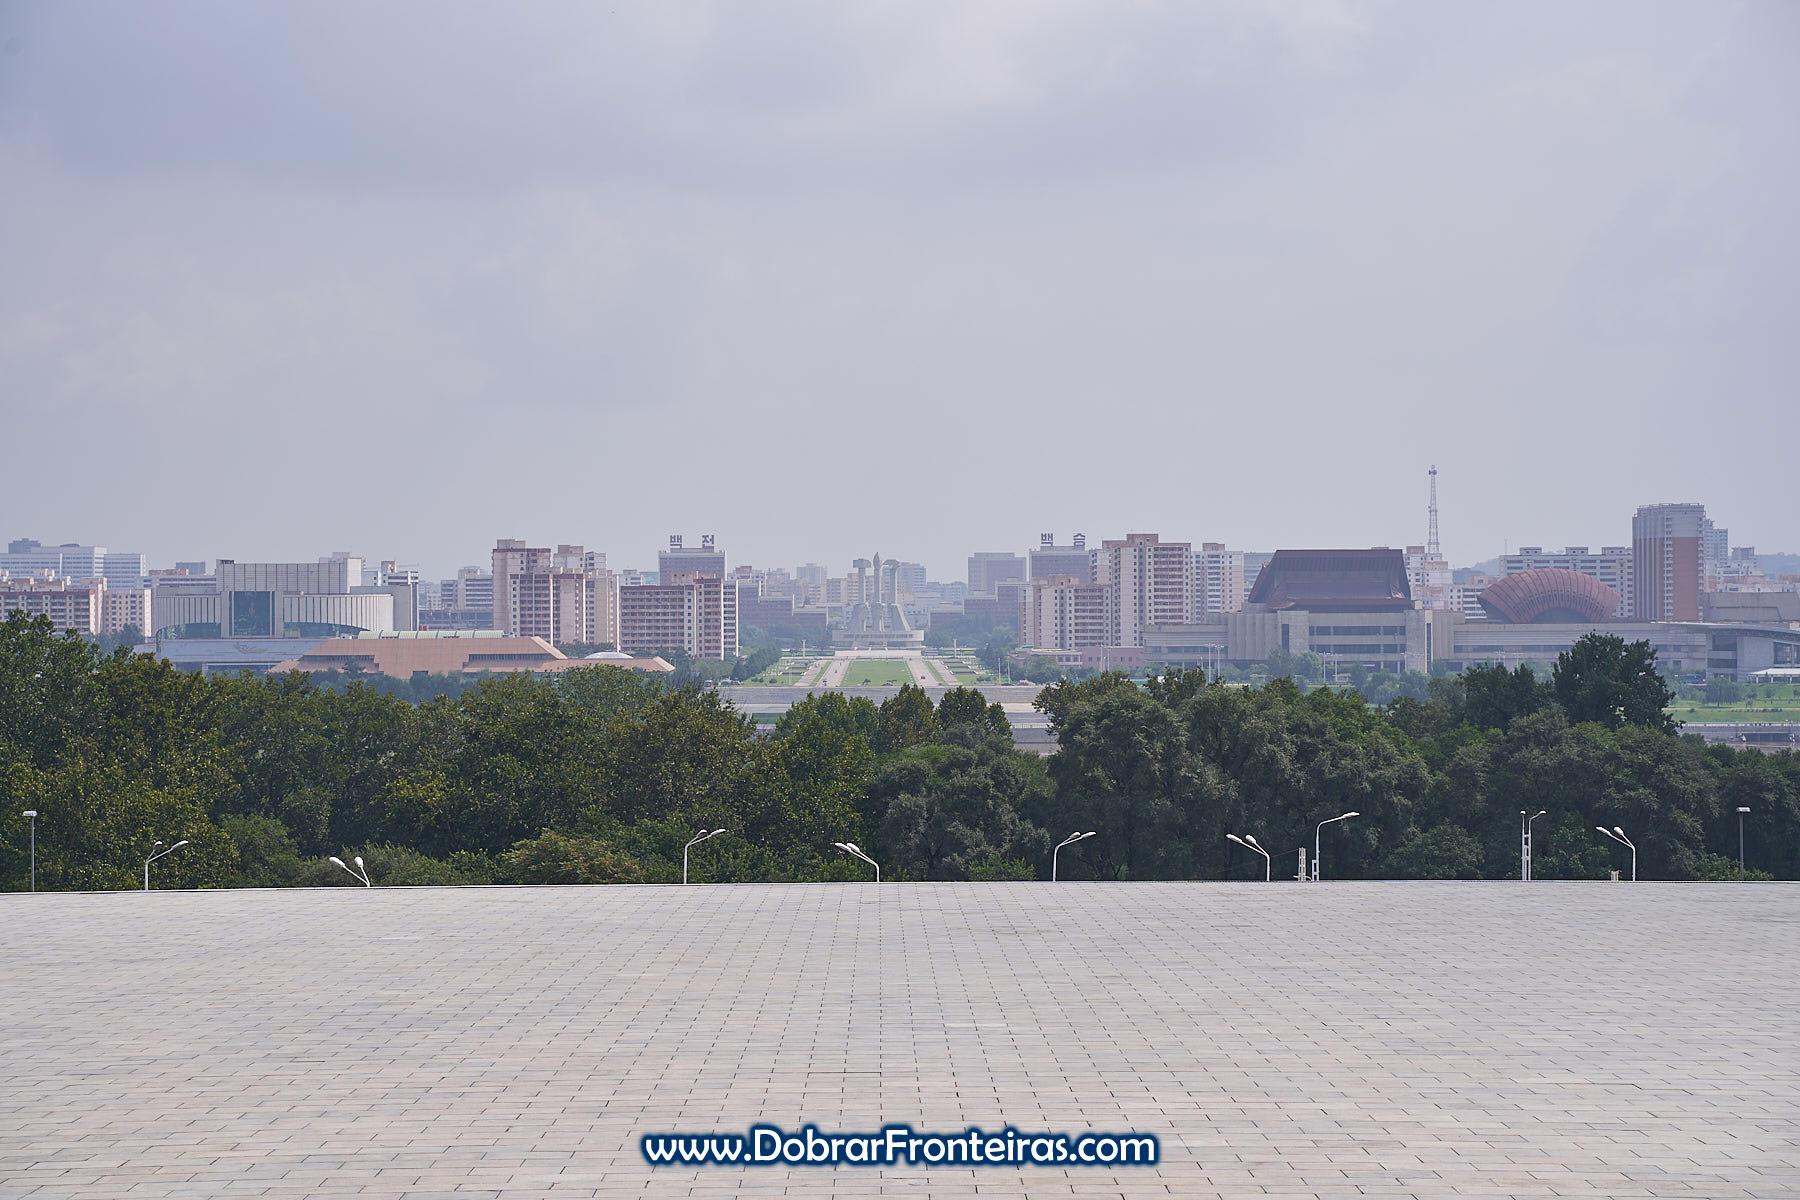 Vista para o monumento do Partido dos Trabalhadores da Coreia